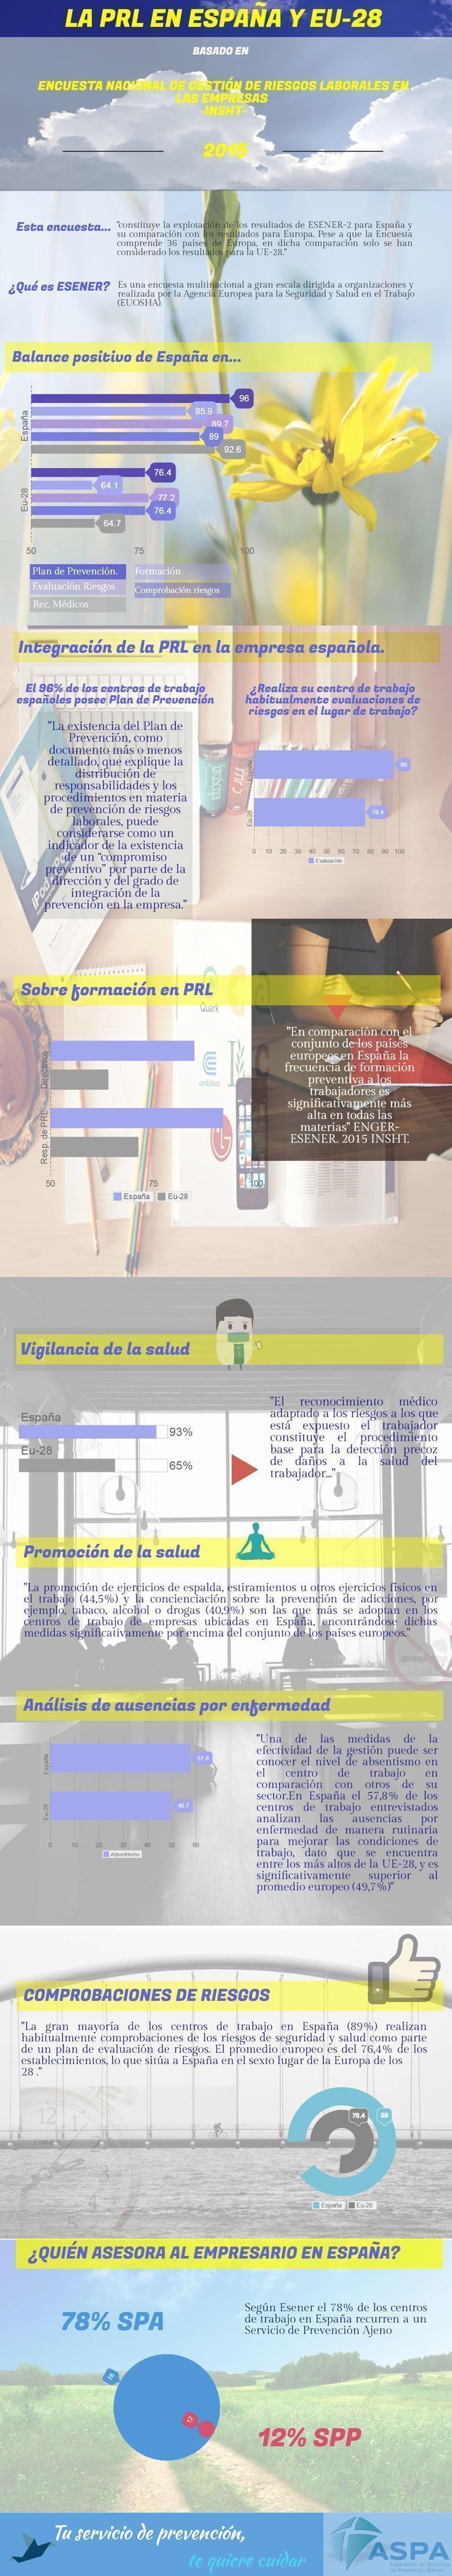 La PRL en España y EU-28 (infografía)